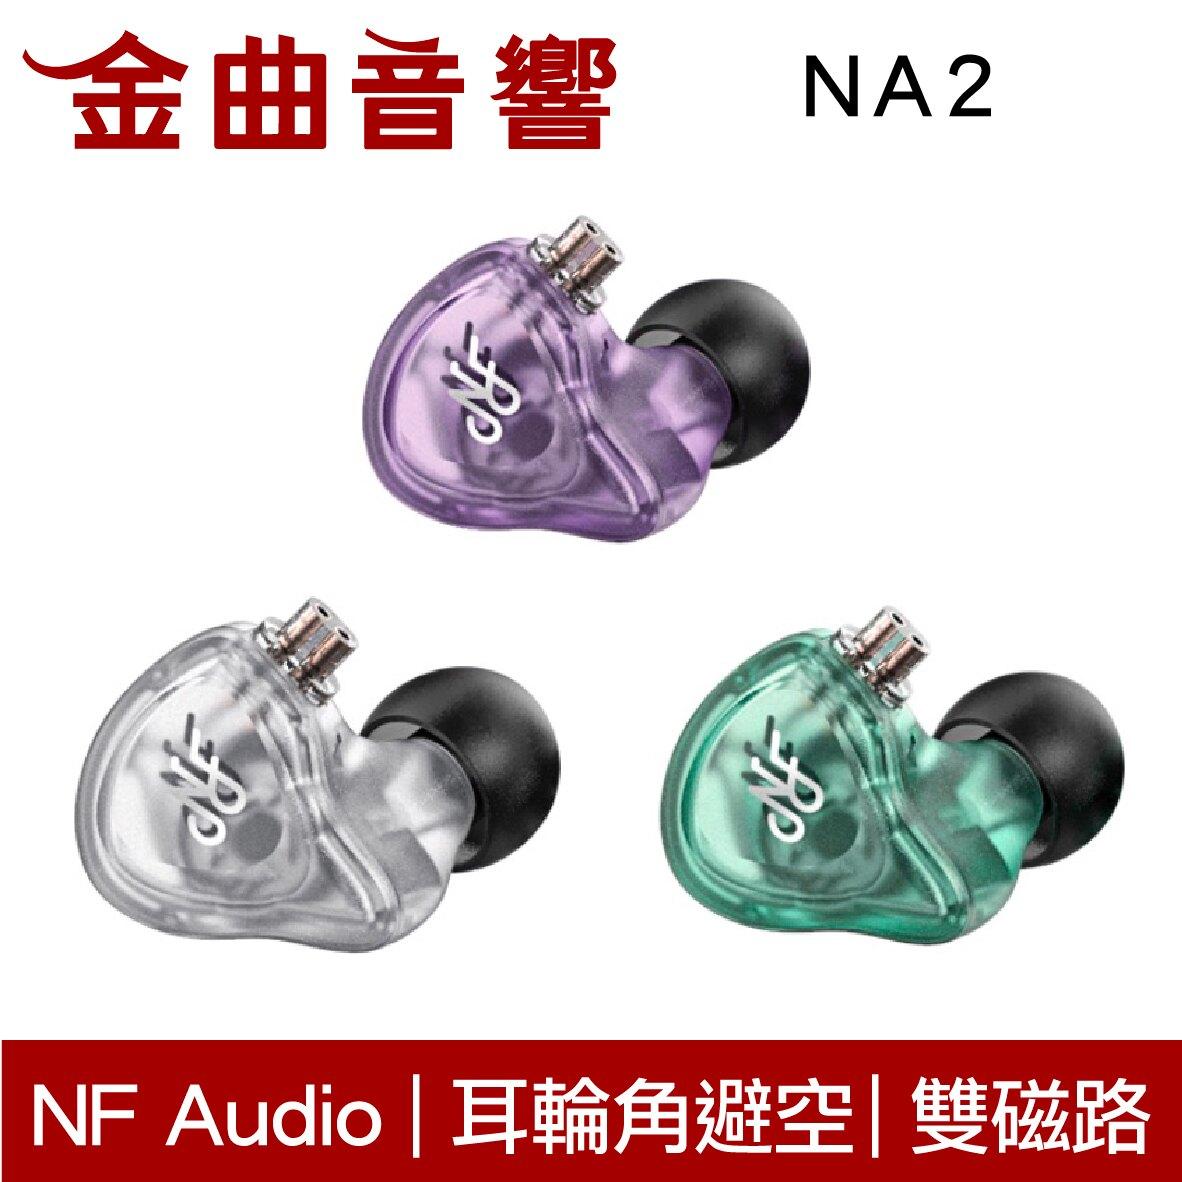 NF Audio 寧梵 NA2 透明 雙磁路 雙腔體動圈 入耳式耳機 | 金曲音響